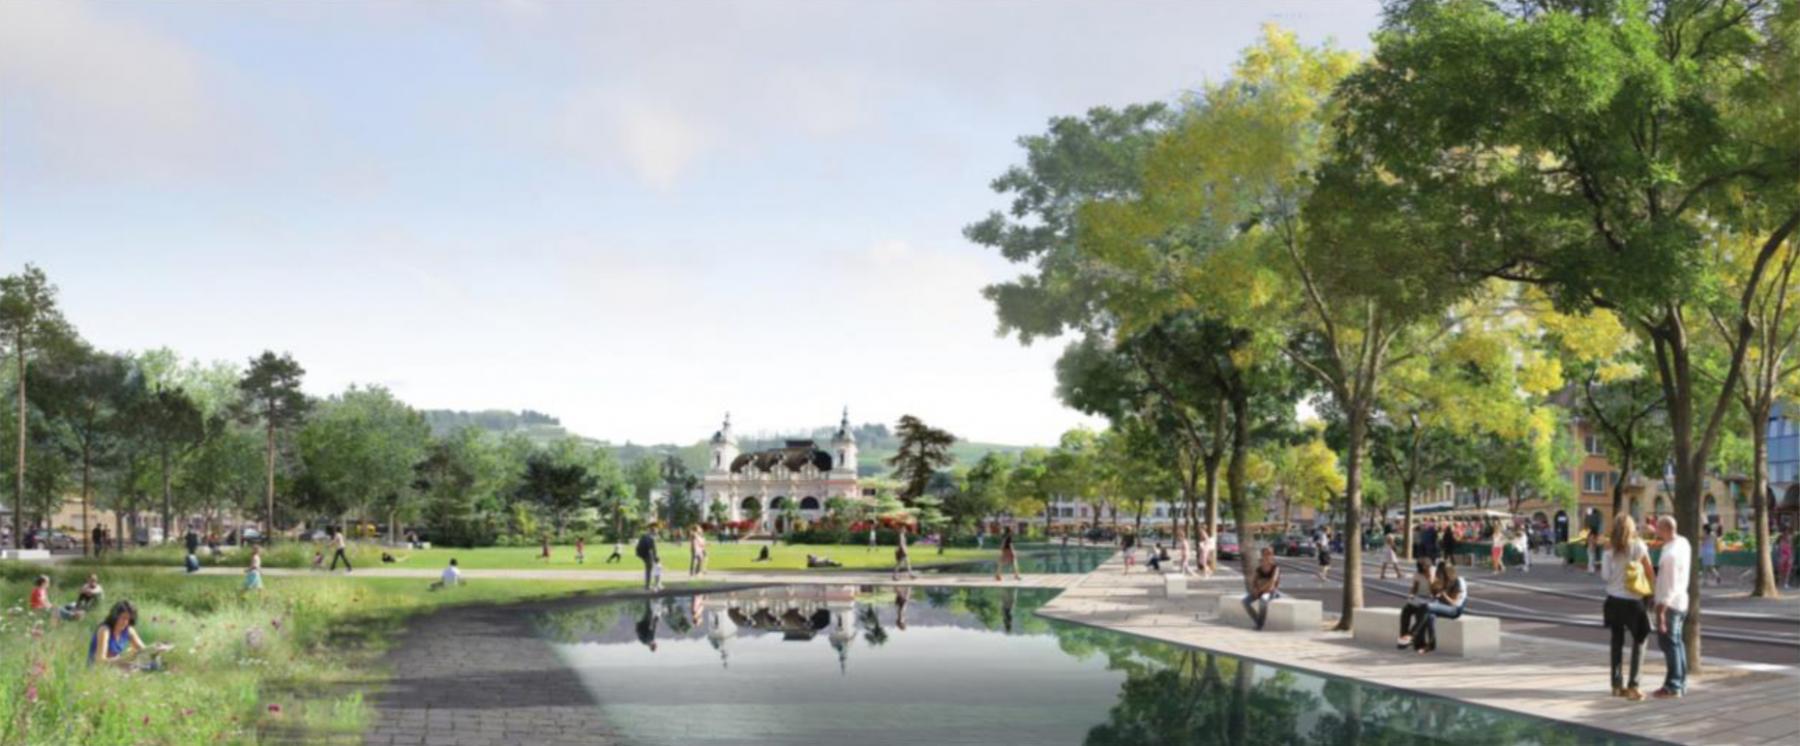 Place d'Armes, Yverdon-les-Bains - Projet de réaménagement urbain et paysager